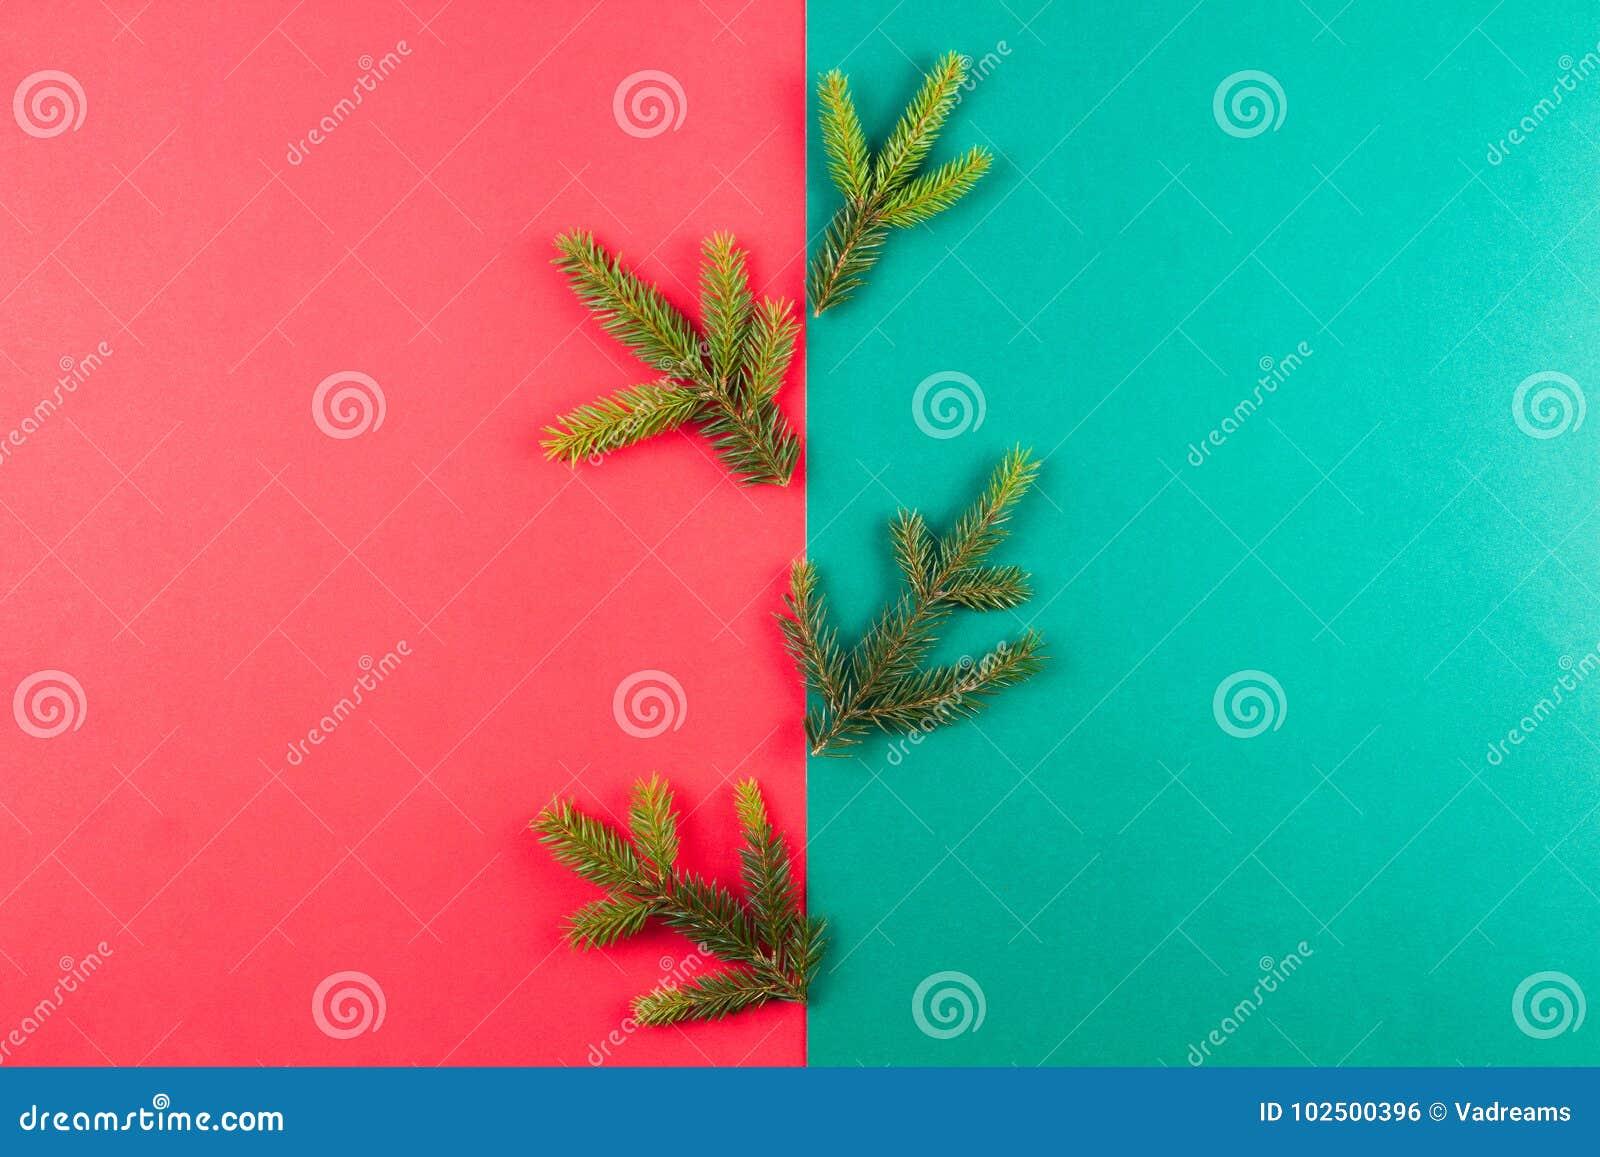 Tannenbaumast auf rotem und grünem Hintergrund Flitter in einem blauen Glas